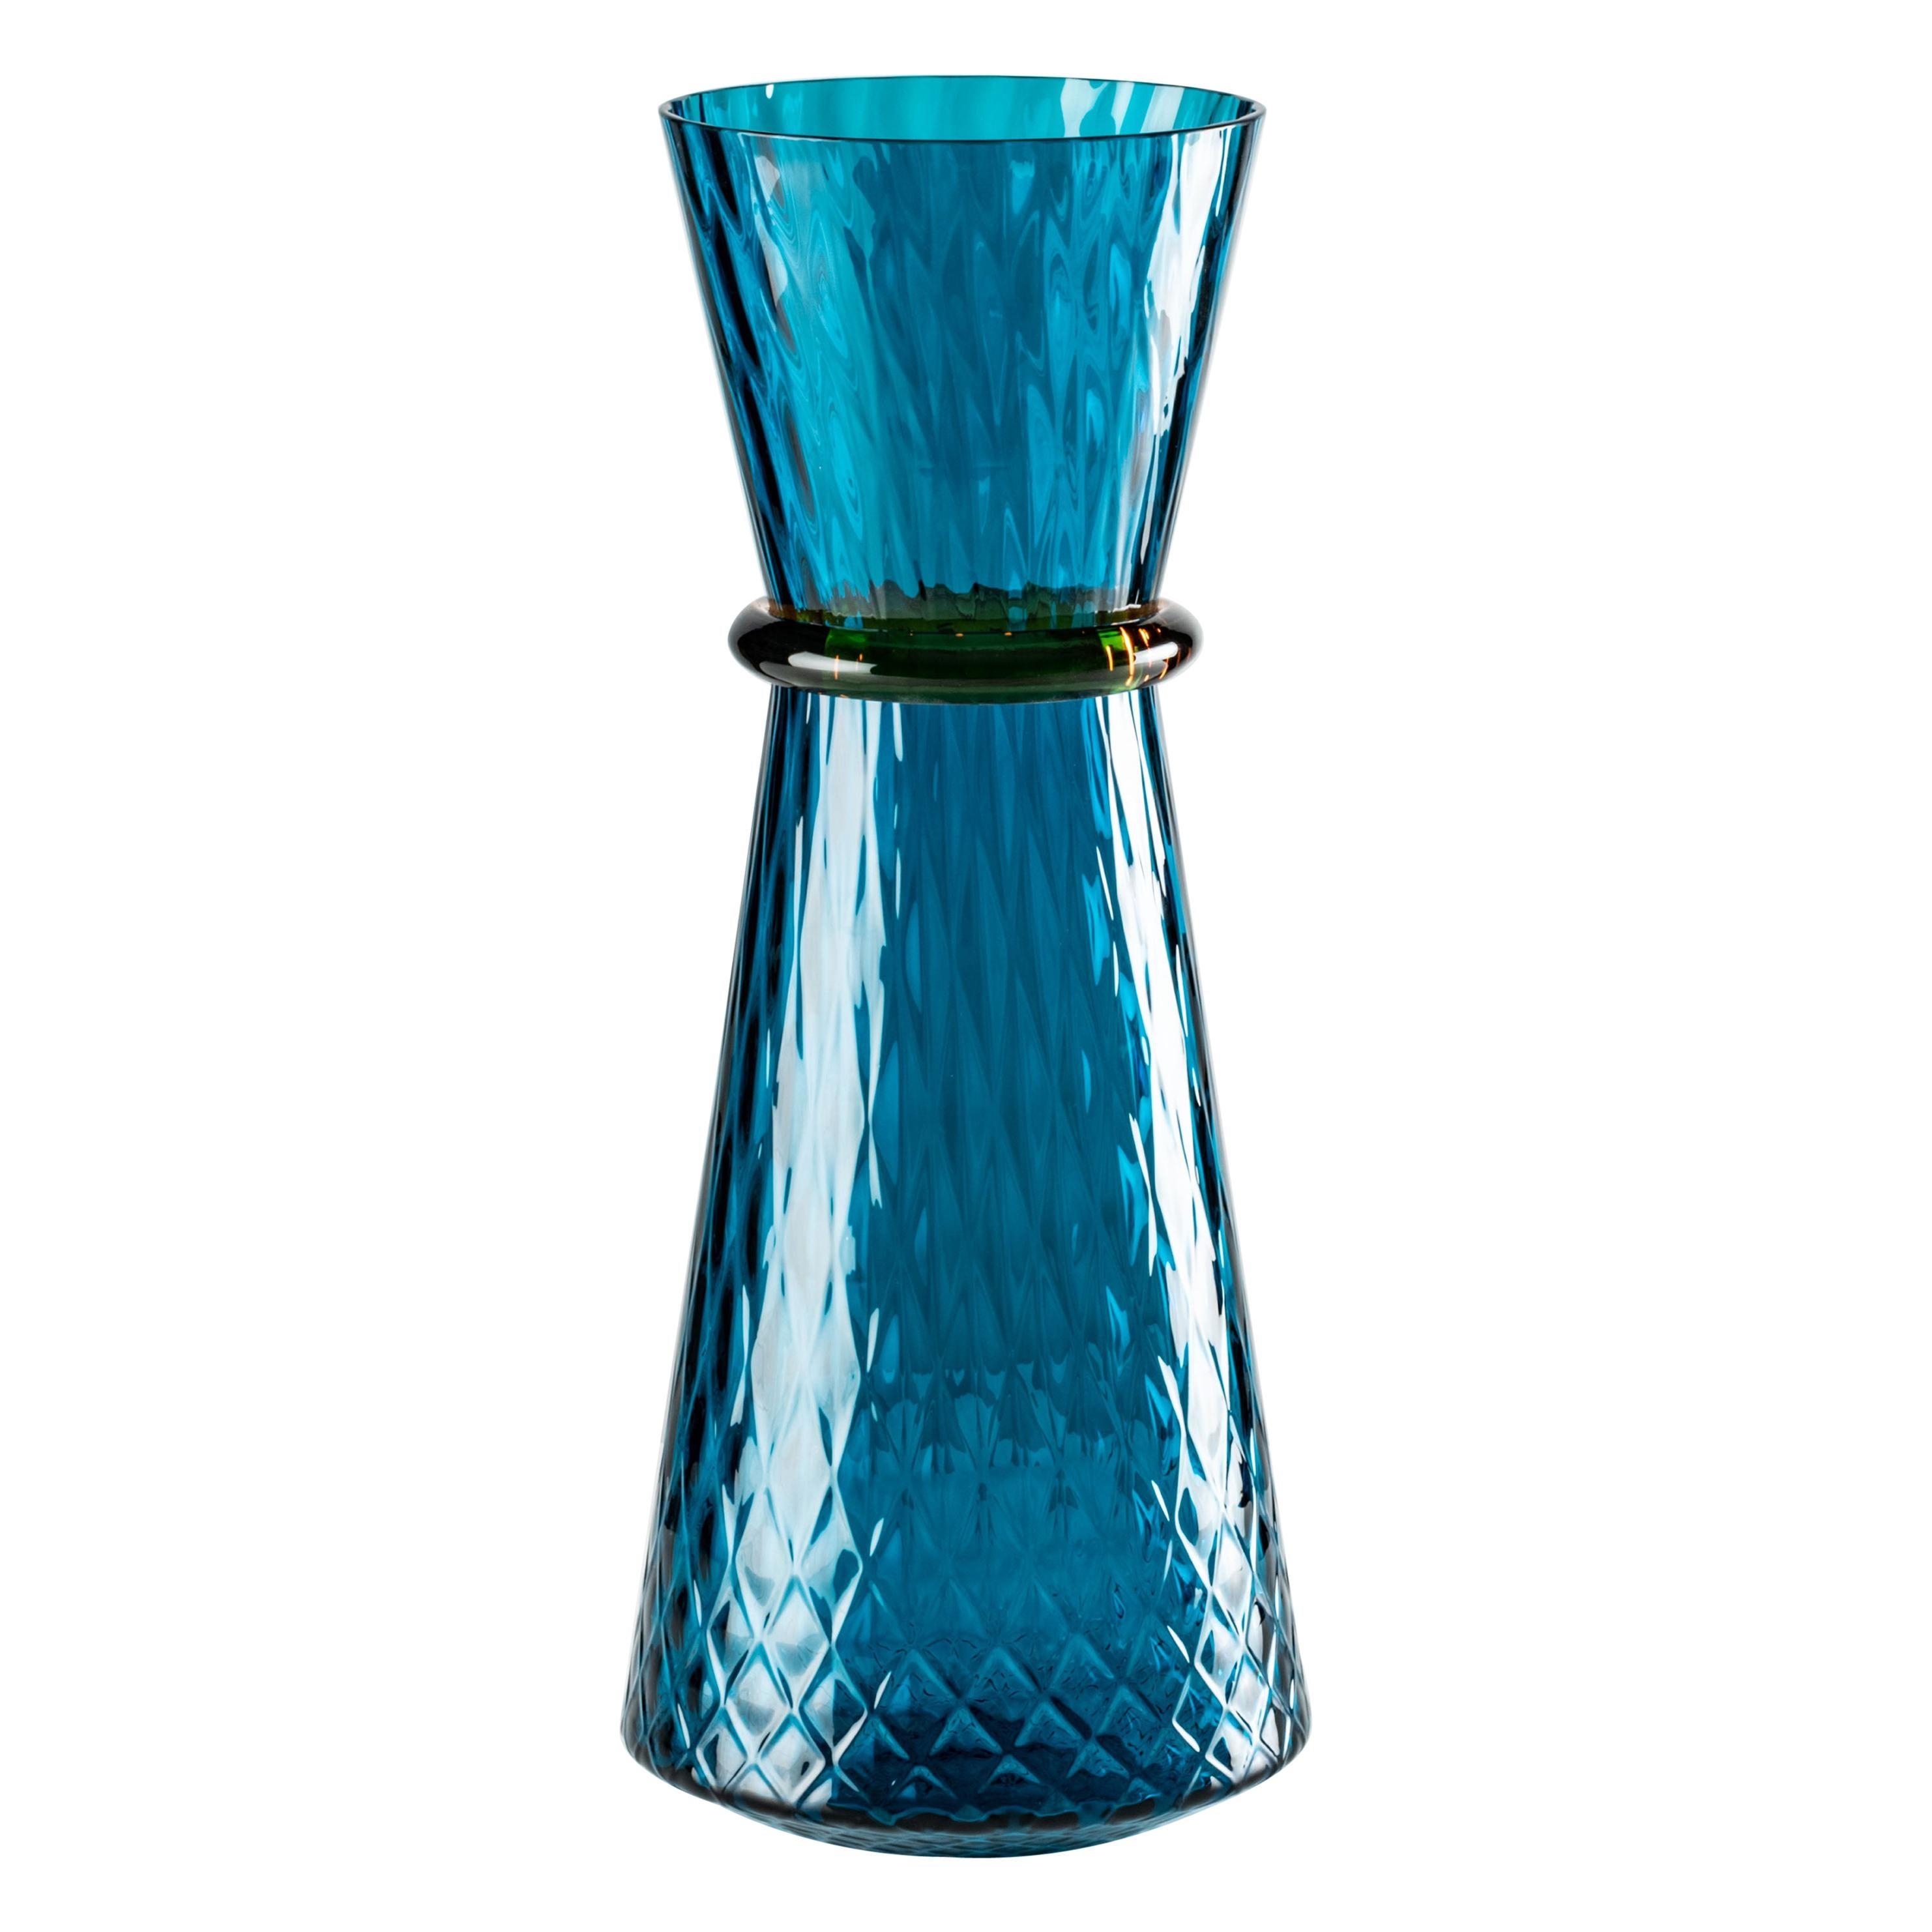 Venini Tiara Large Vase in Horizon and Amber Murano Glass